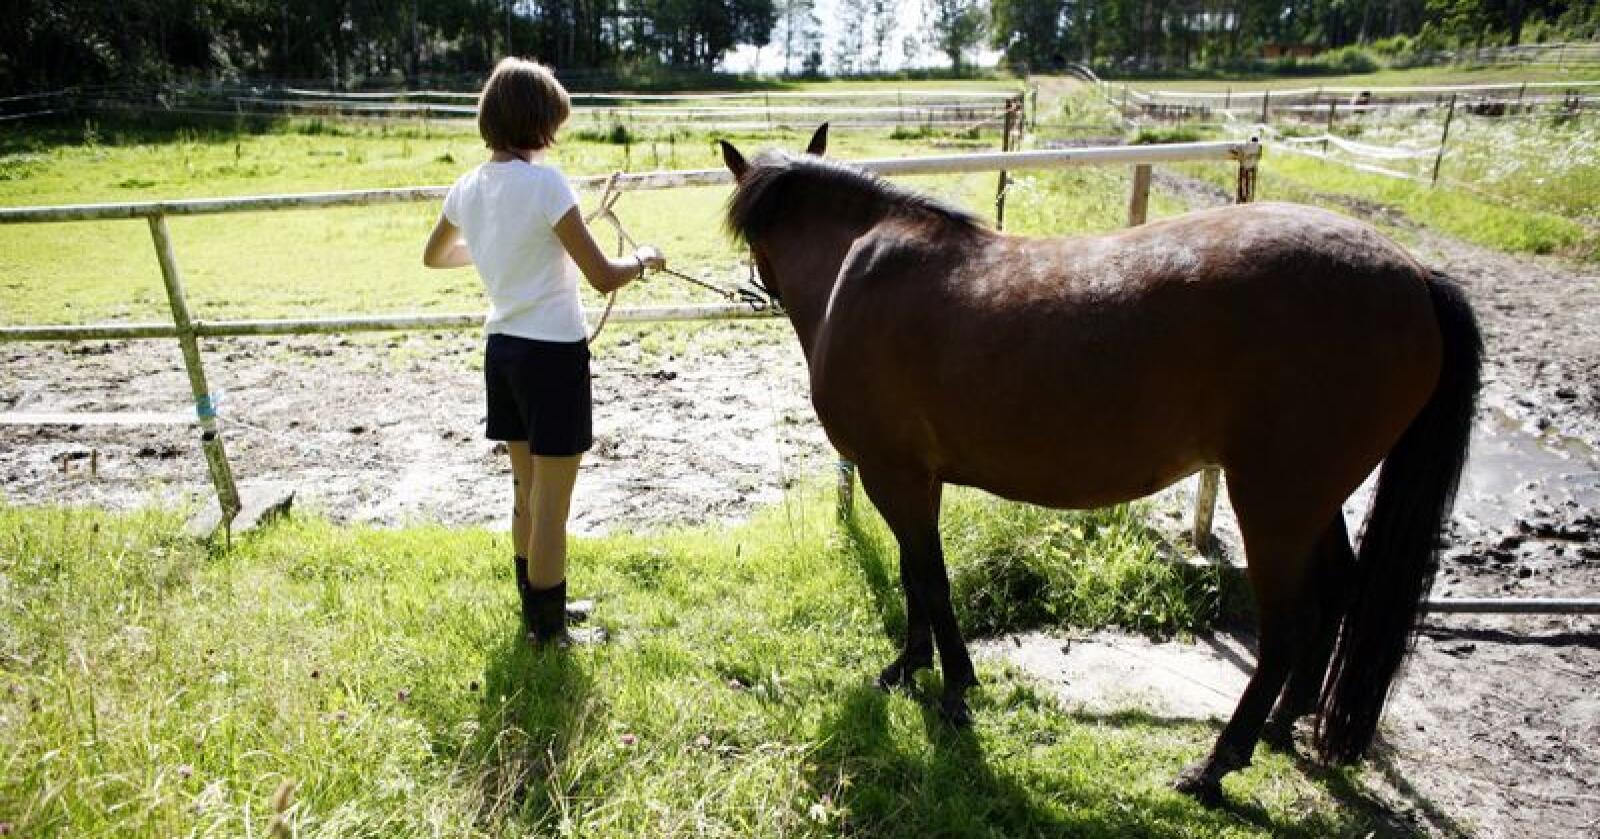 At mange ser hesten som eit kjæledyr er ein av faktorane som gjer at bruken av hestekjøt går ned. Foto: Sara Johannessen / NTB Scanpix / NPK